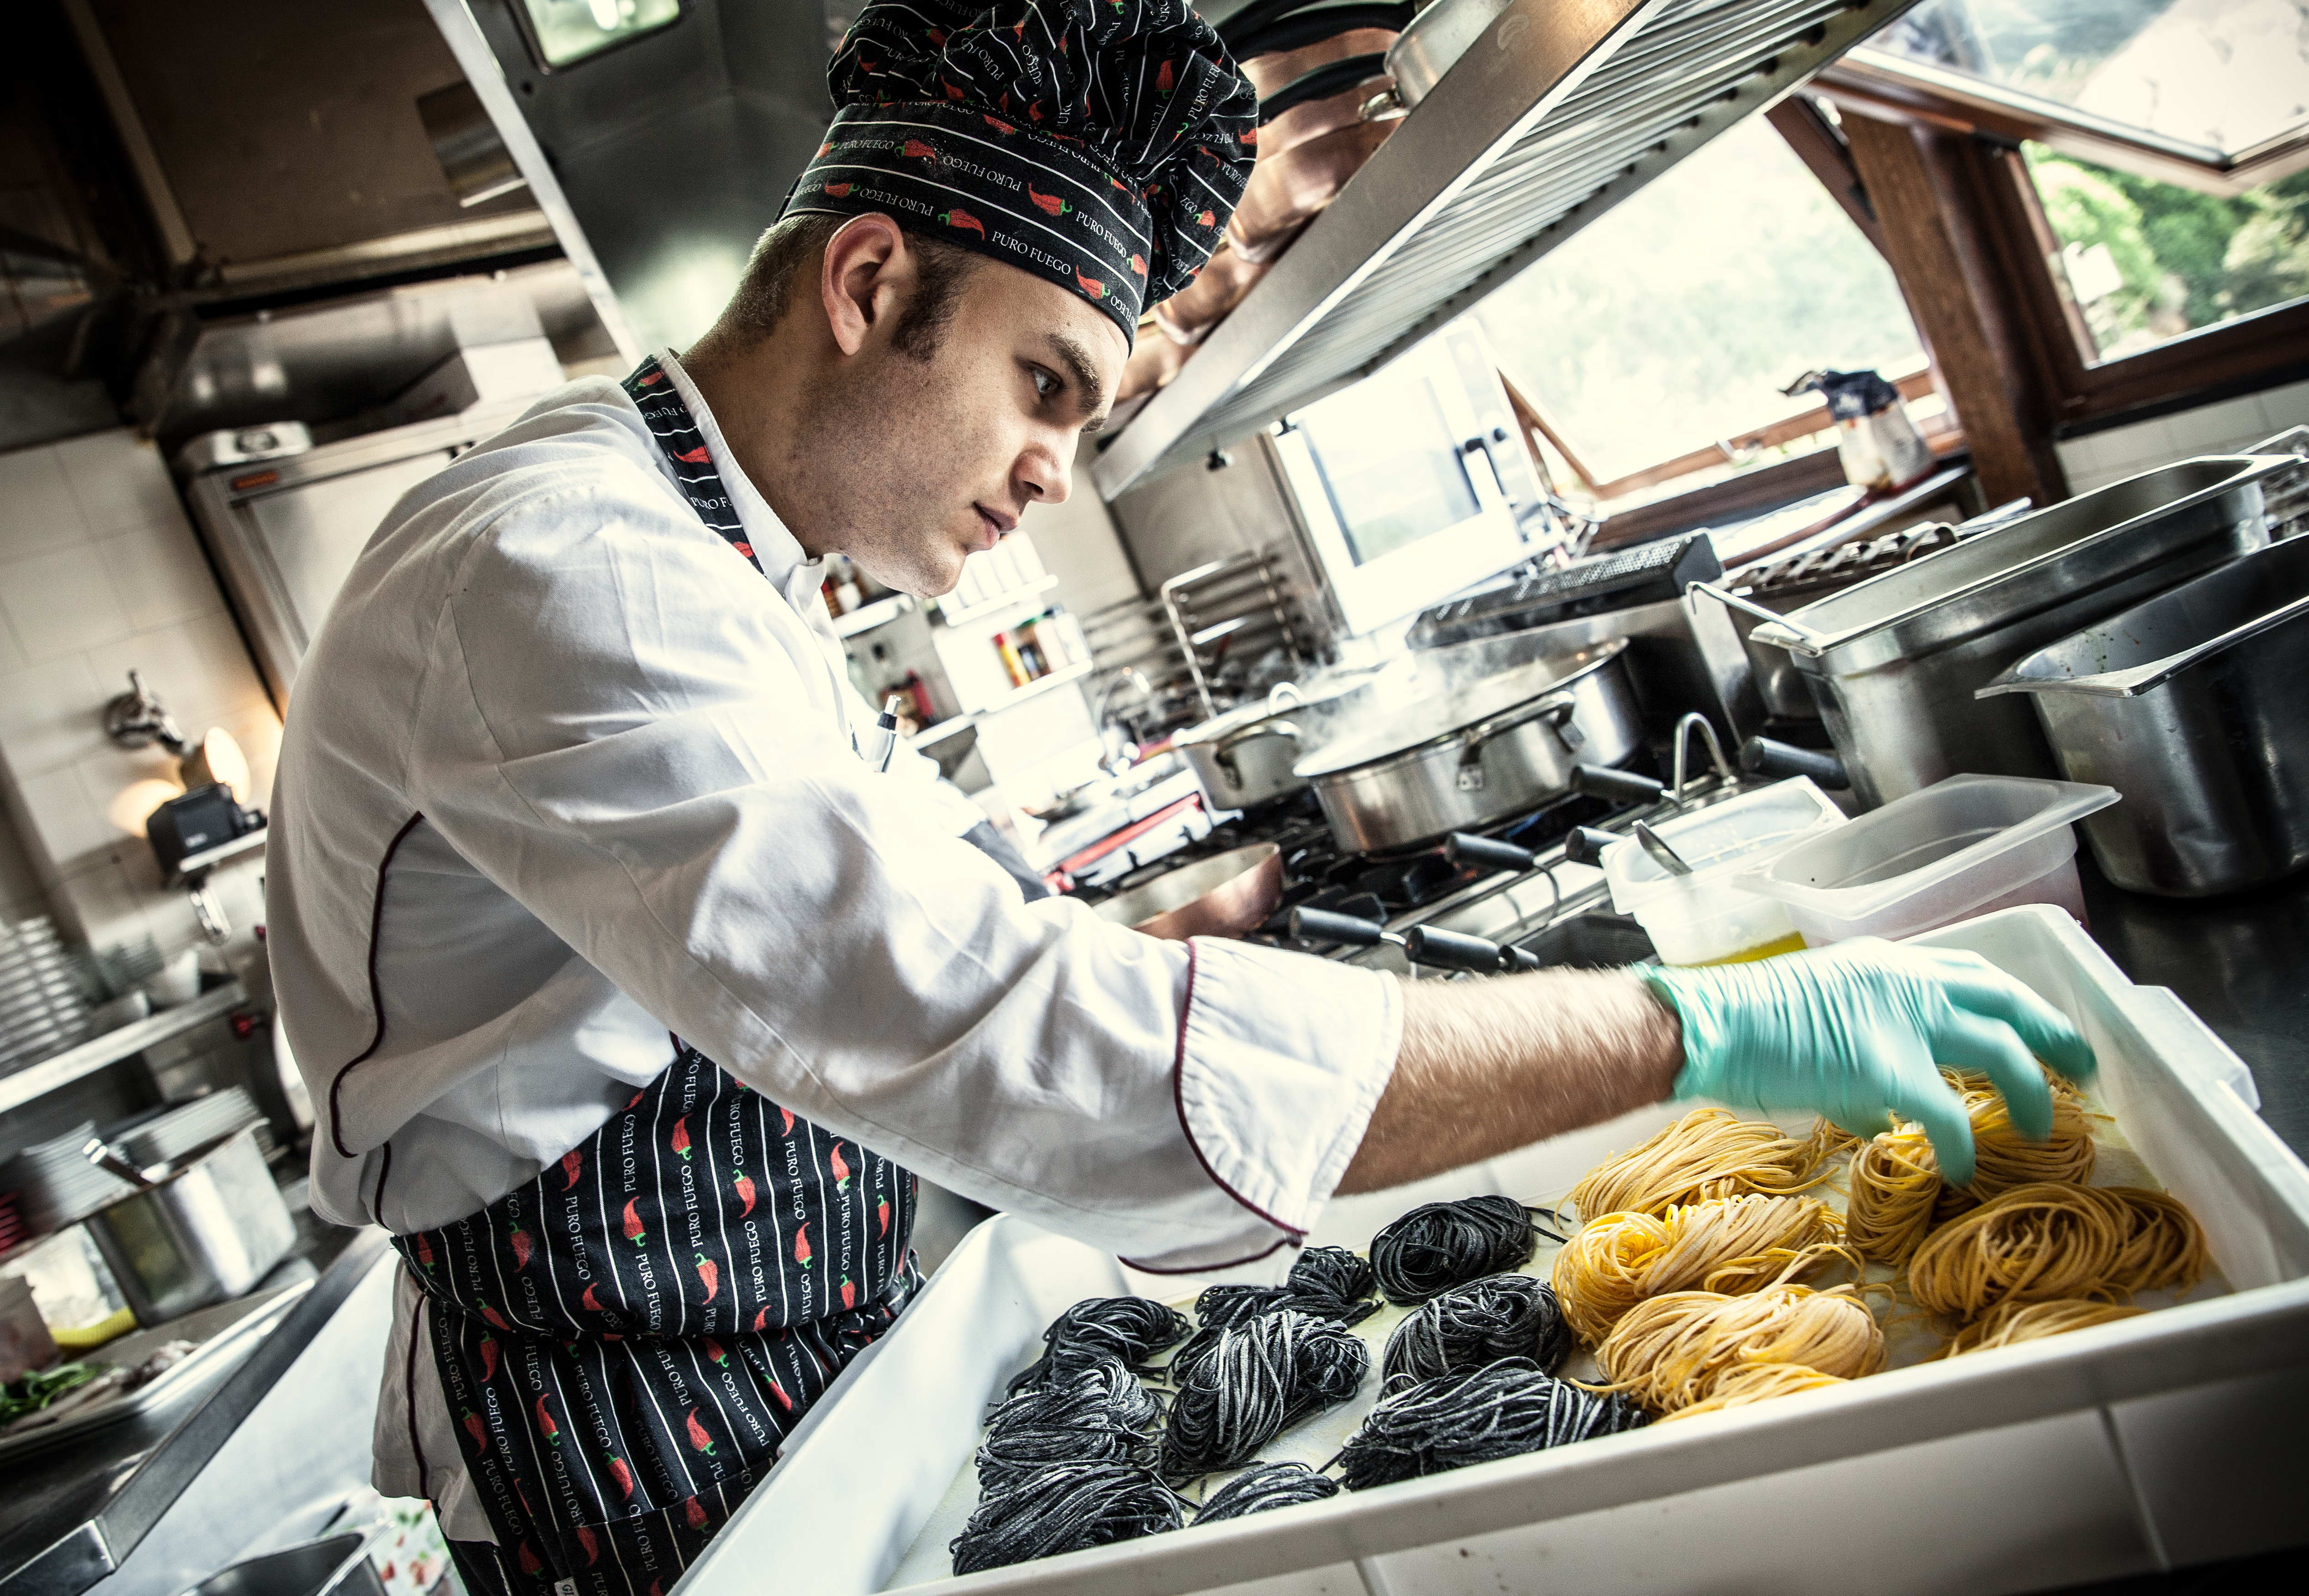 Cucina-pastafresca-34